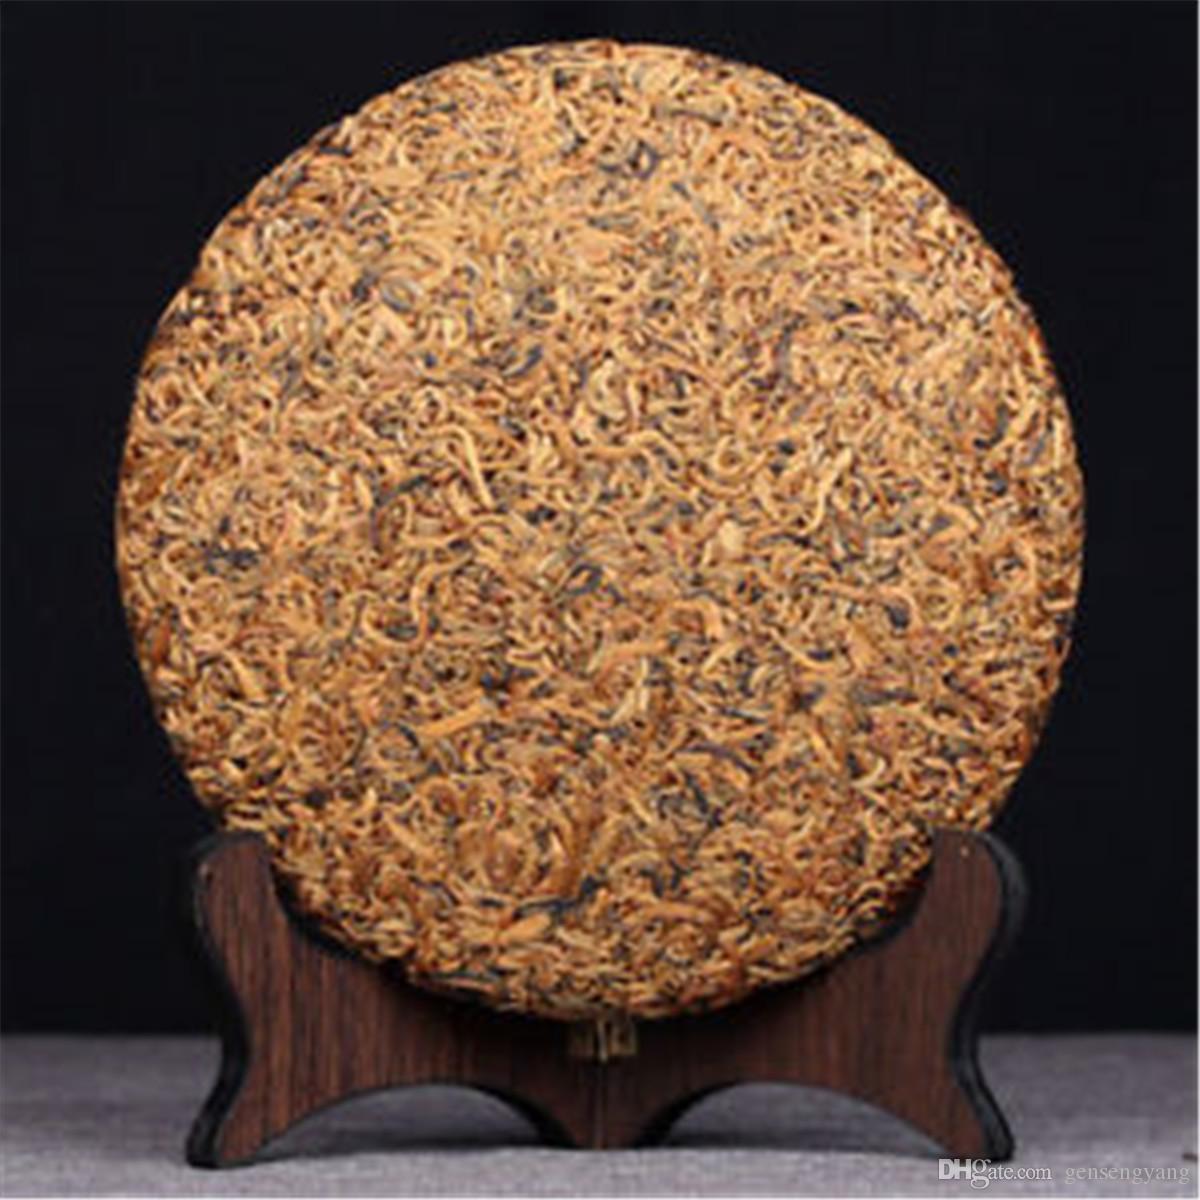 357g preto orgânico chá chinês Yunnan Ouro Buds Dianhong Chá Vermelho Health Care New Cozido Chá Verde Alimentos